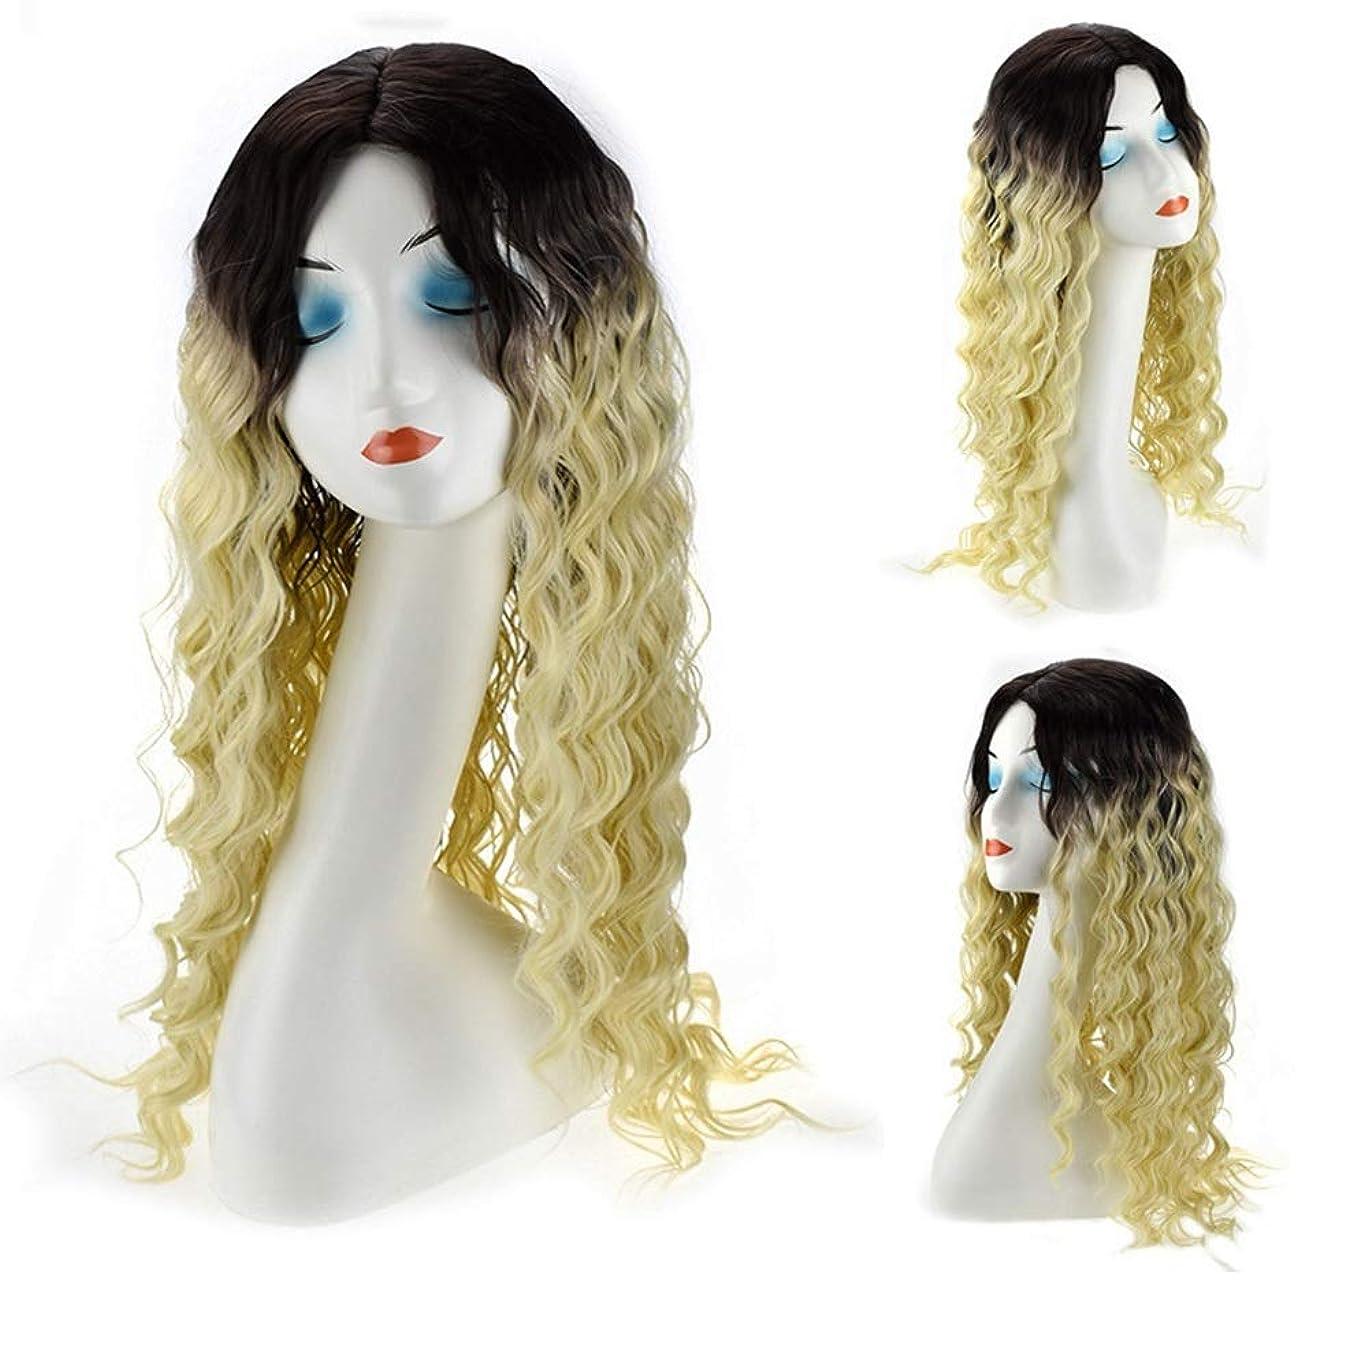 ピラミッドとして衣類YESONEEP ブロンドの深い波長い髪のグラデーションカラーの女性長い巻き毛のかつら耐熱ファイバーパーティーかつら (色 : Blonde)